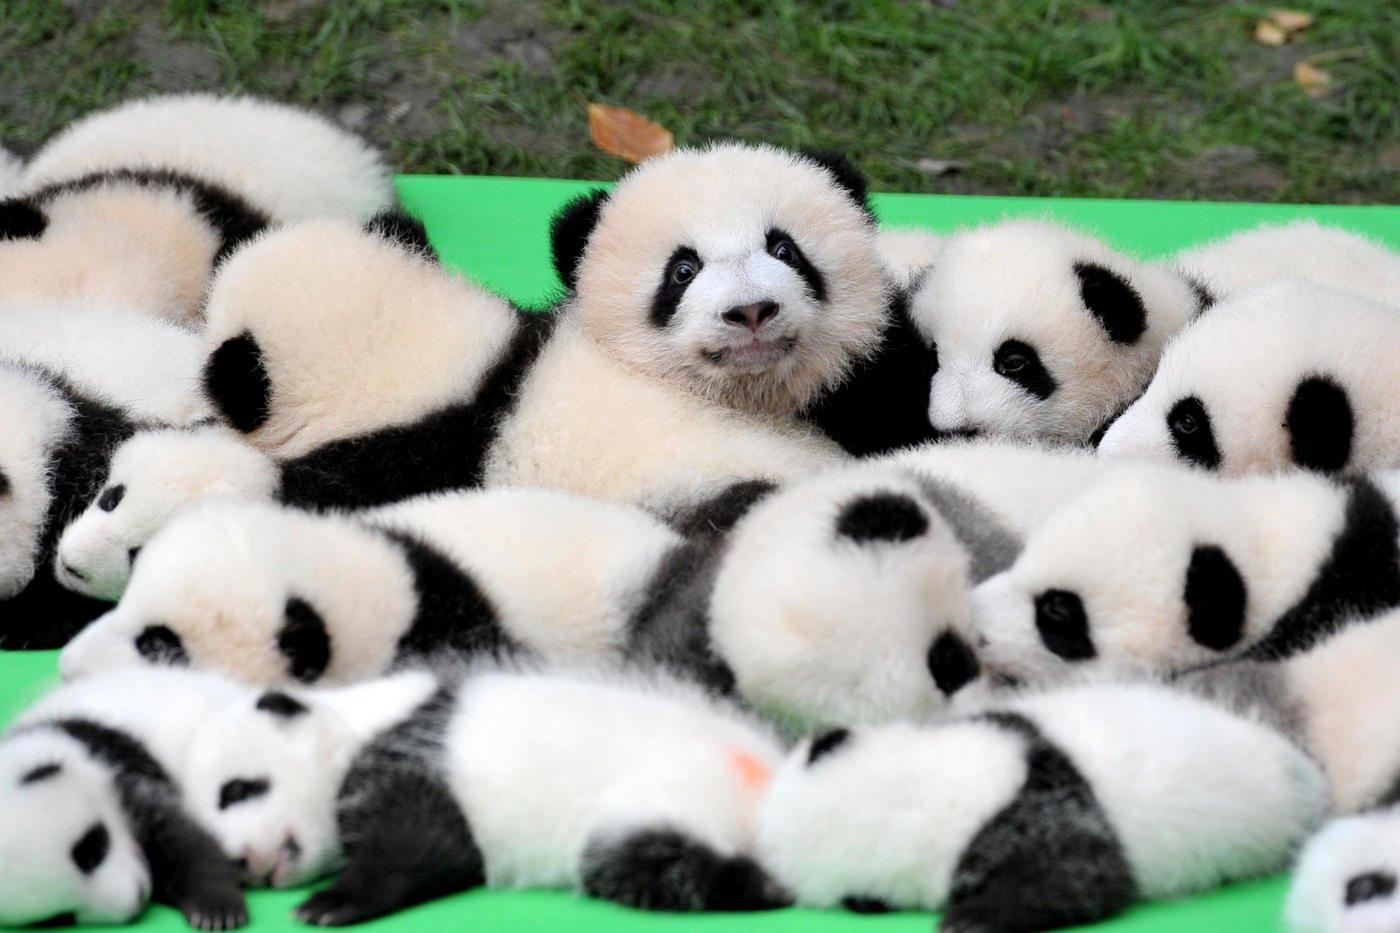 1400 gettyimages 611382876 fd3b92d516b4b28d4aa8f24390ad65a7 - China ofrece una estupenda oportunidad para trabajar en su país ¡Abrazando osos panda!